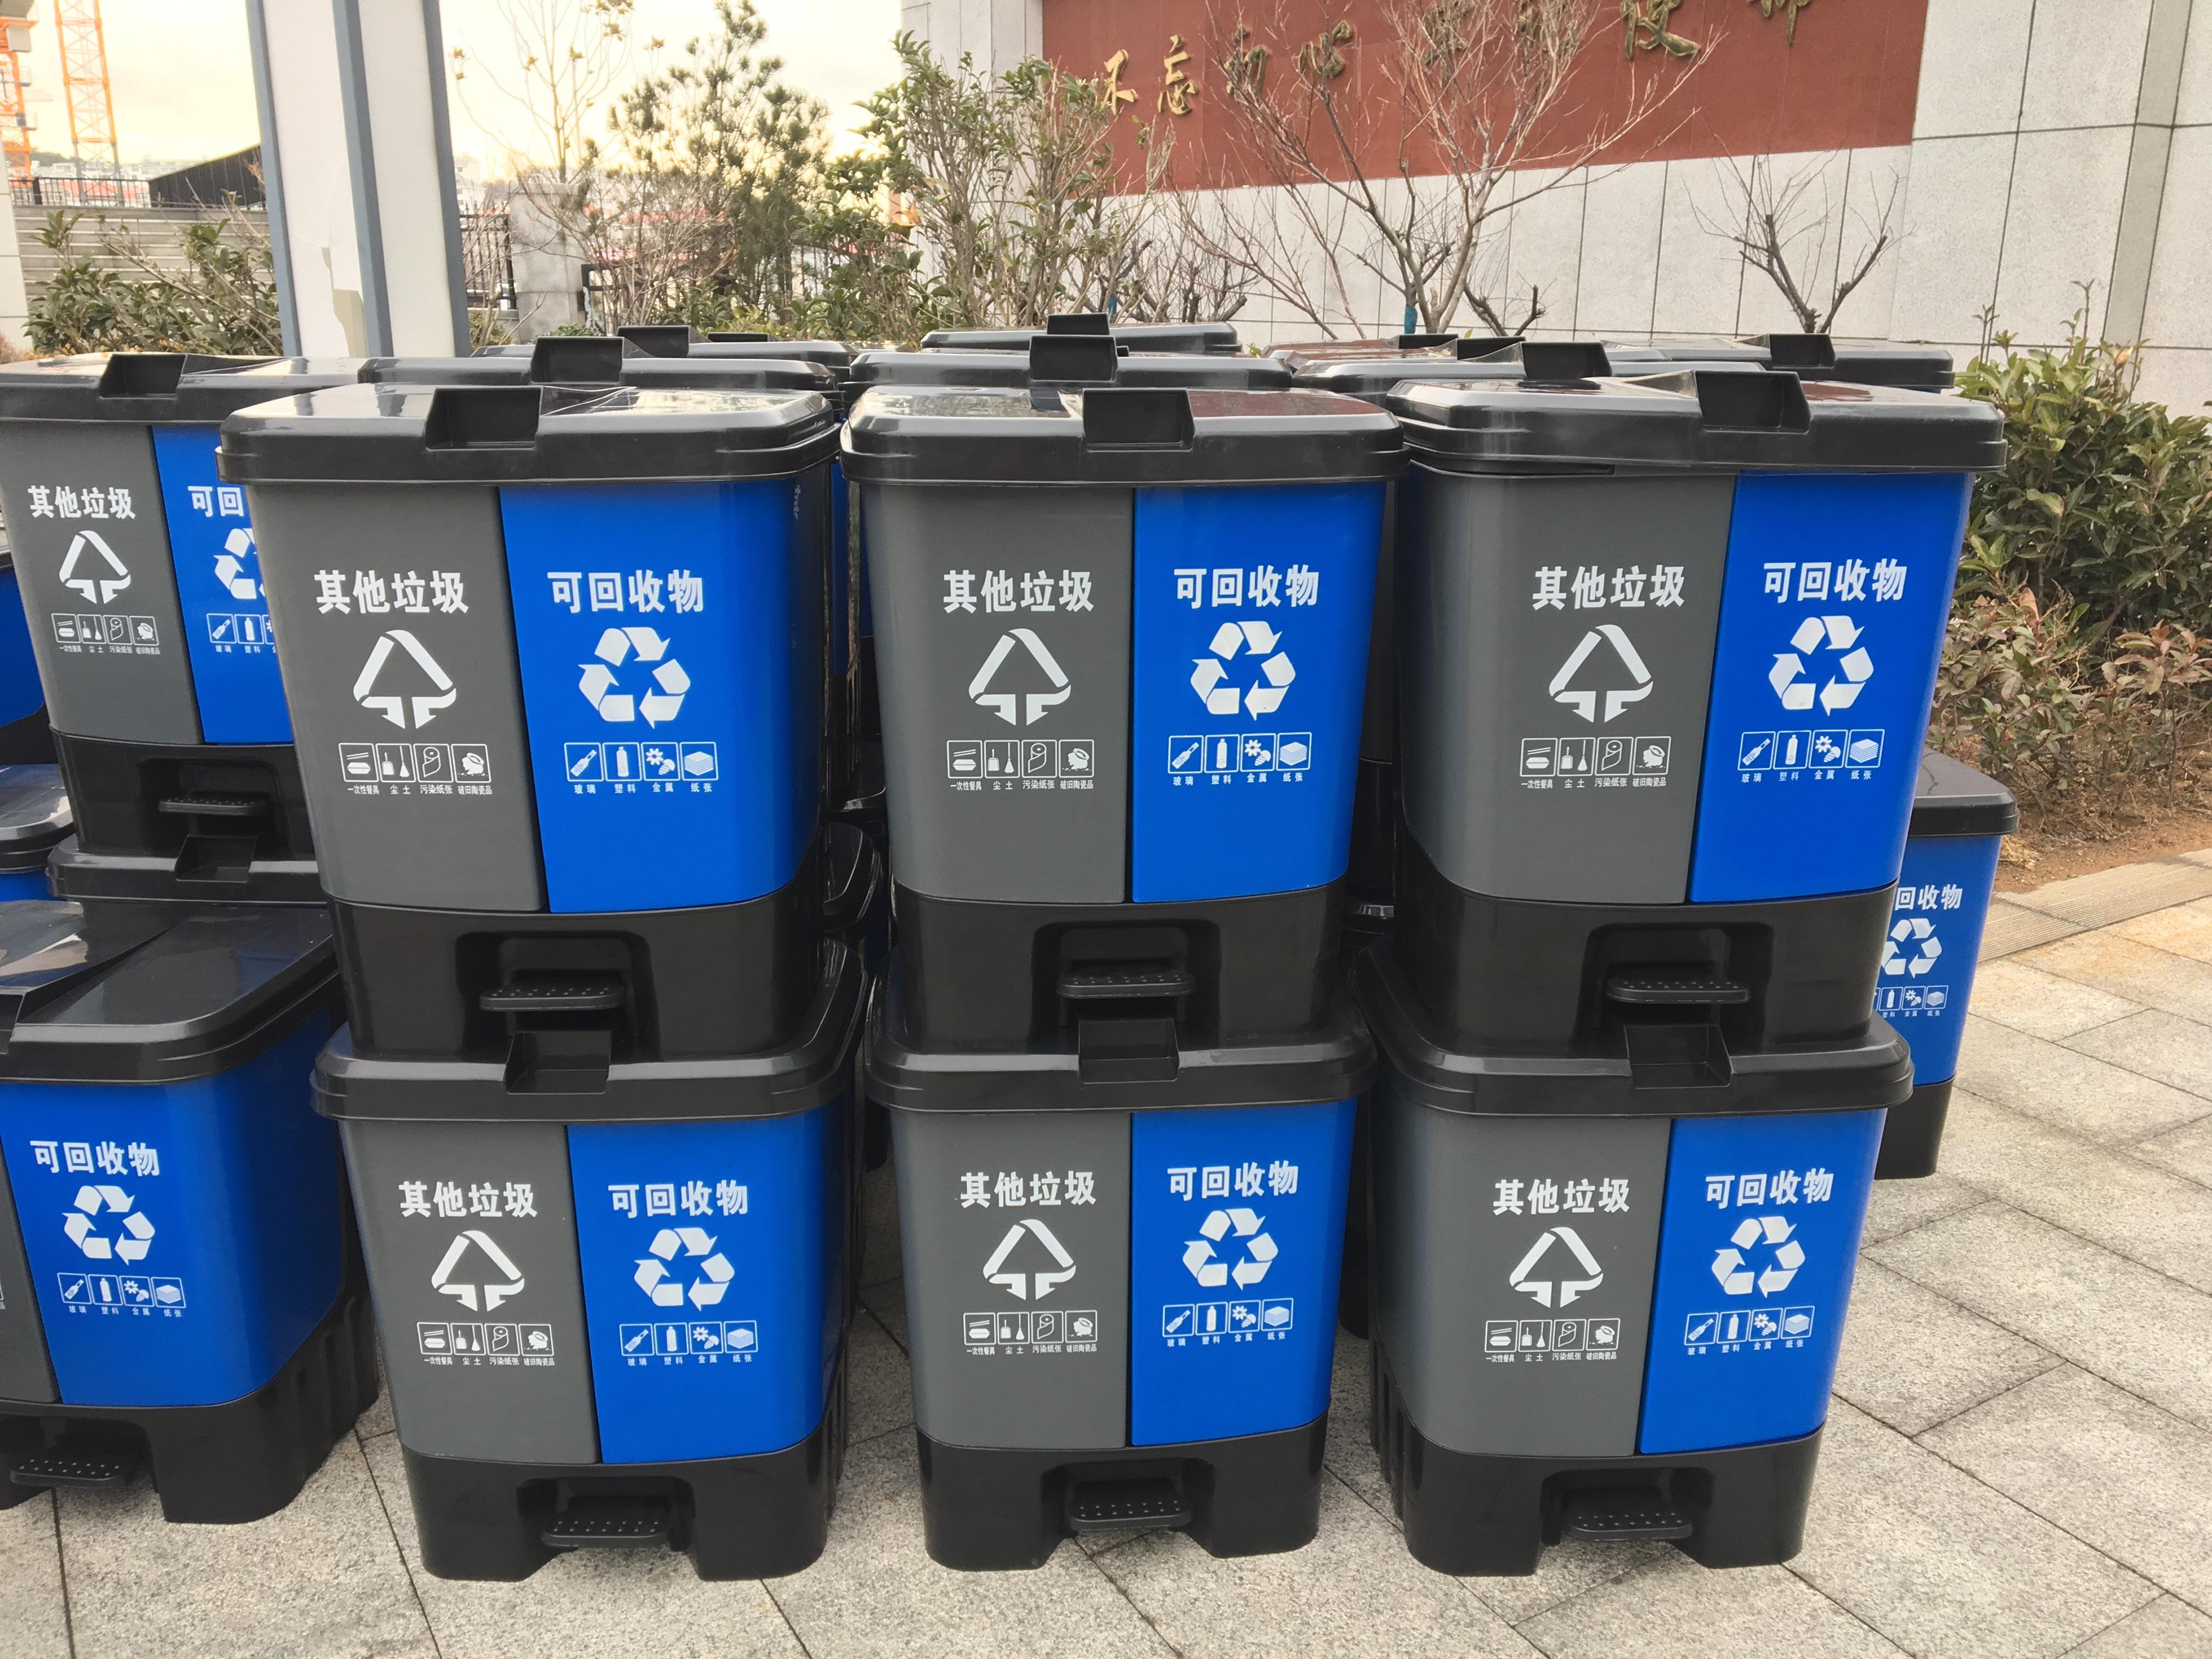 中国动物卫生中心订购鑫金邦脚踏分类垃圾桶